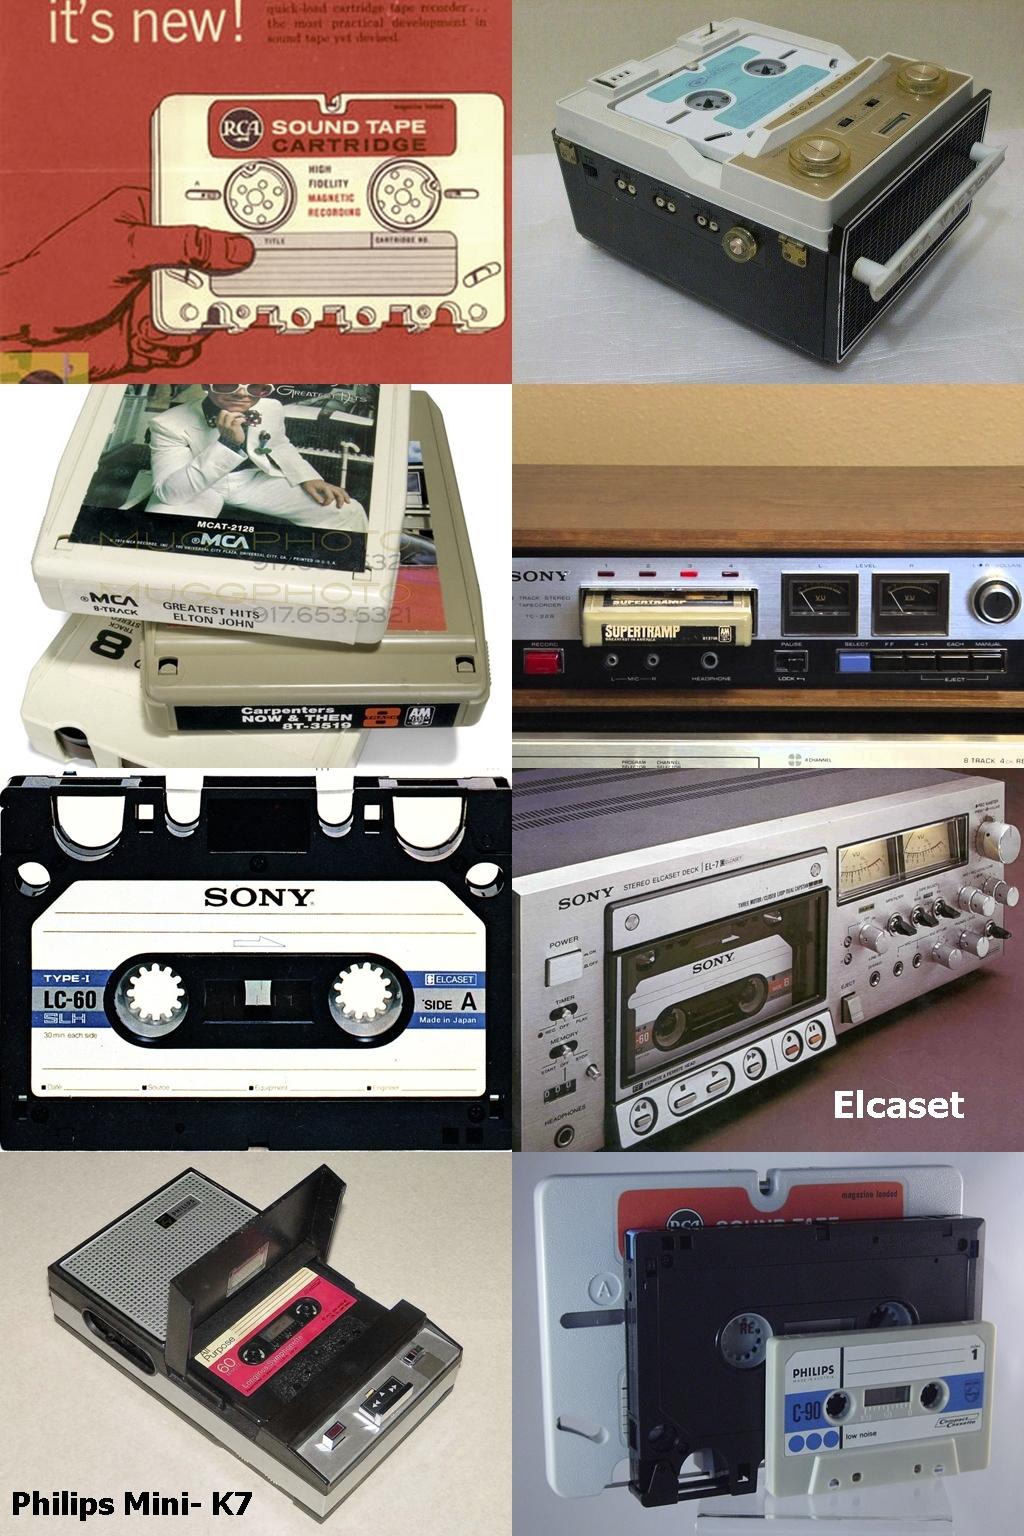 Diferentes formatos de cartuchos para a fita cassete